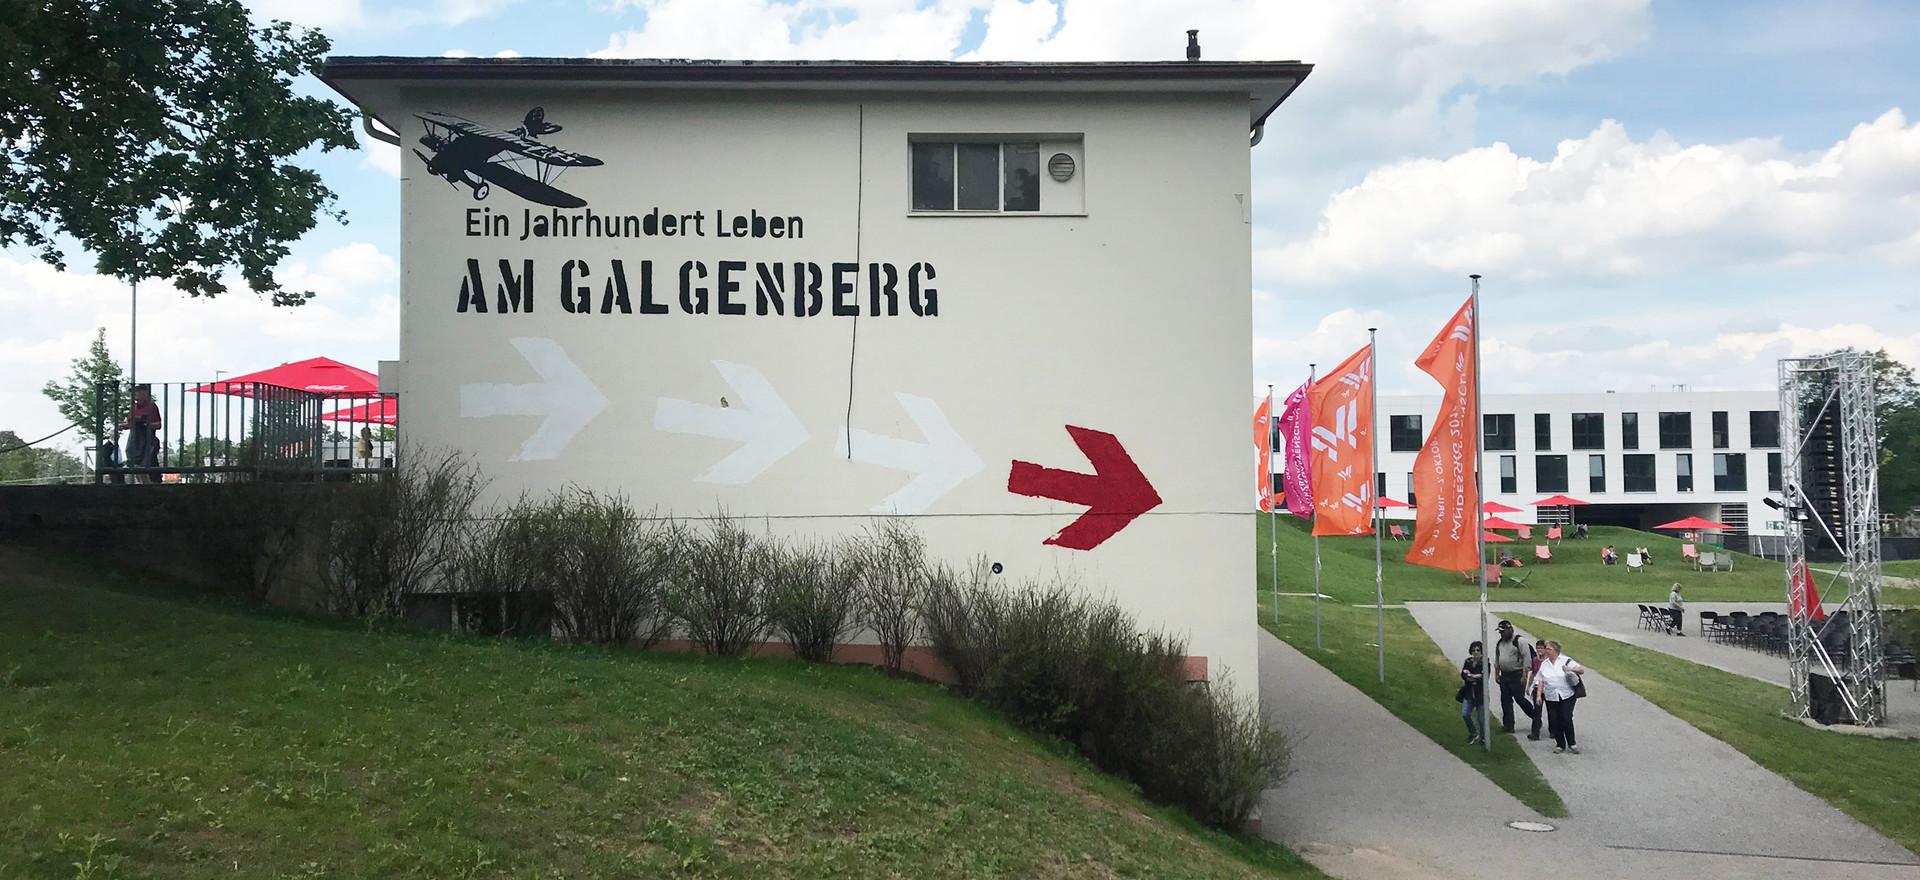 Ein Jahrhundert Leben am Galgenberg